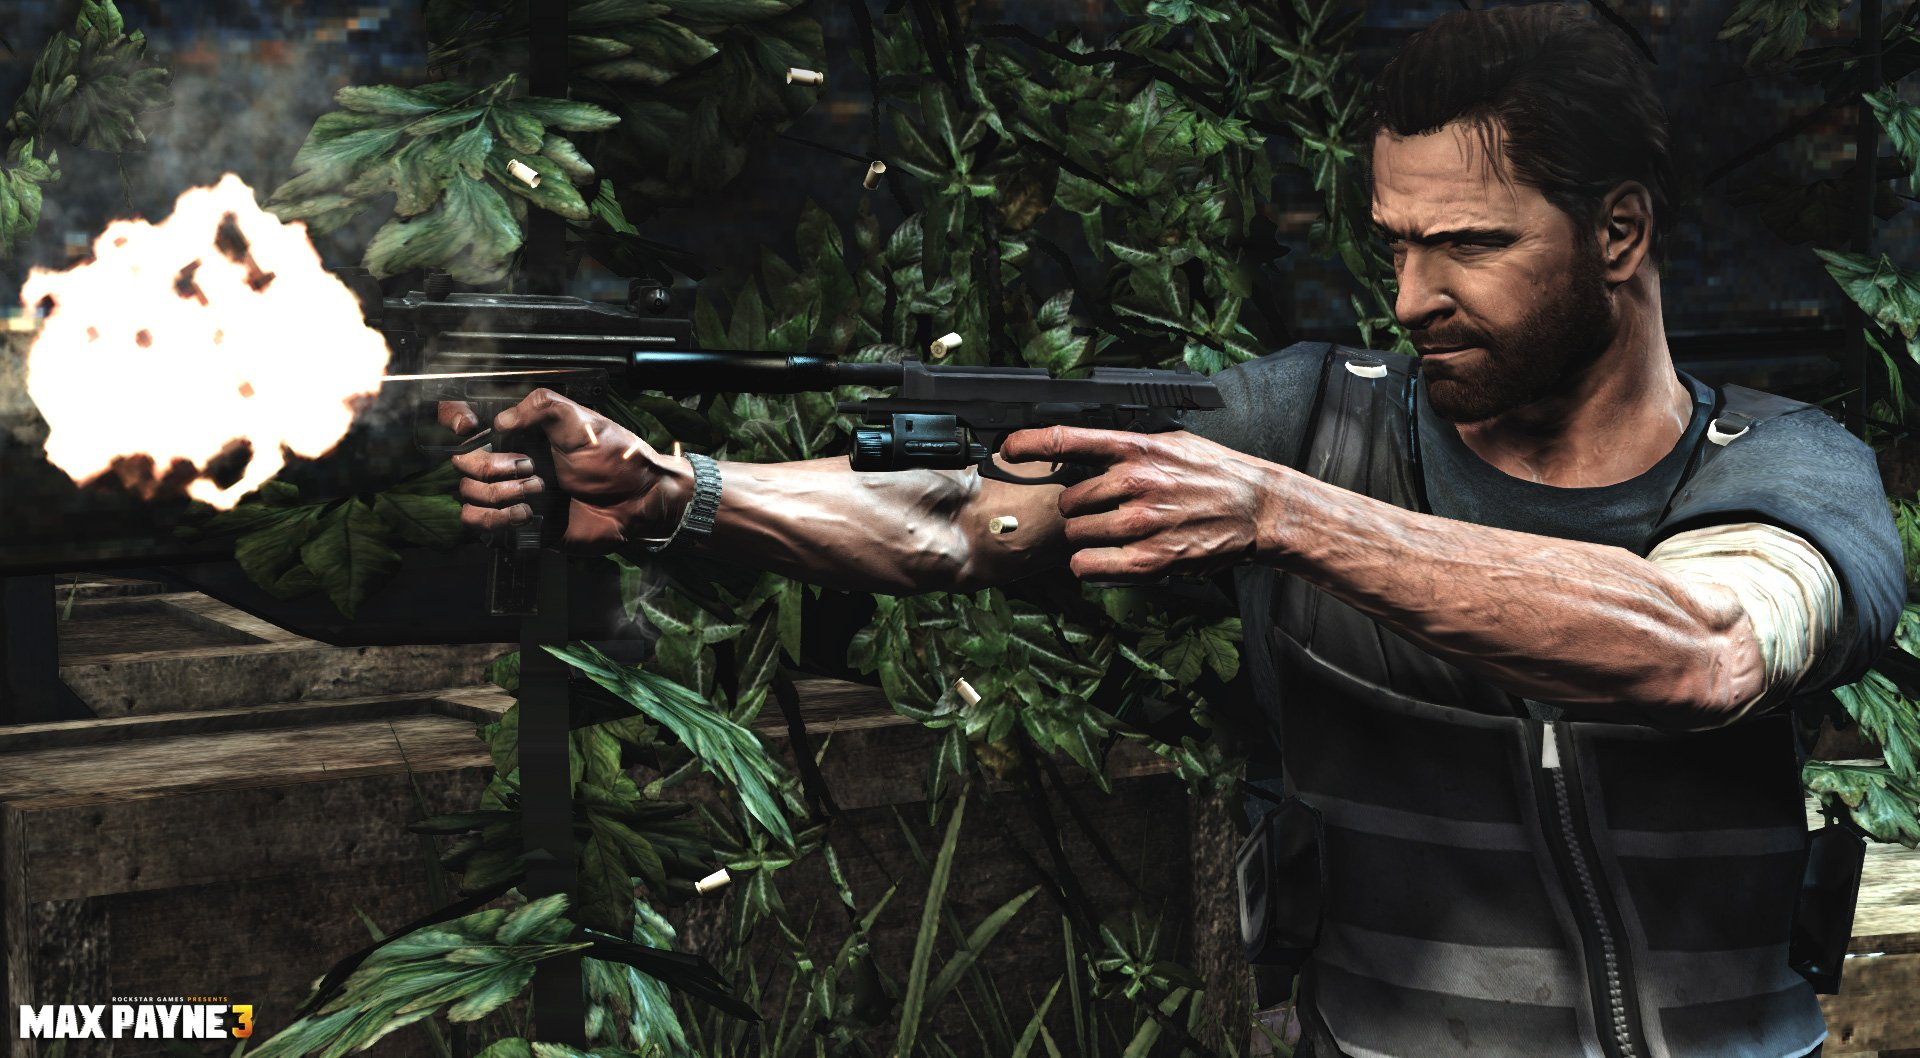 """Скриншоты PC-версии Max Payne 3: три """"отличия"""" - Изображение 1"""